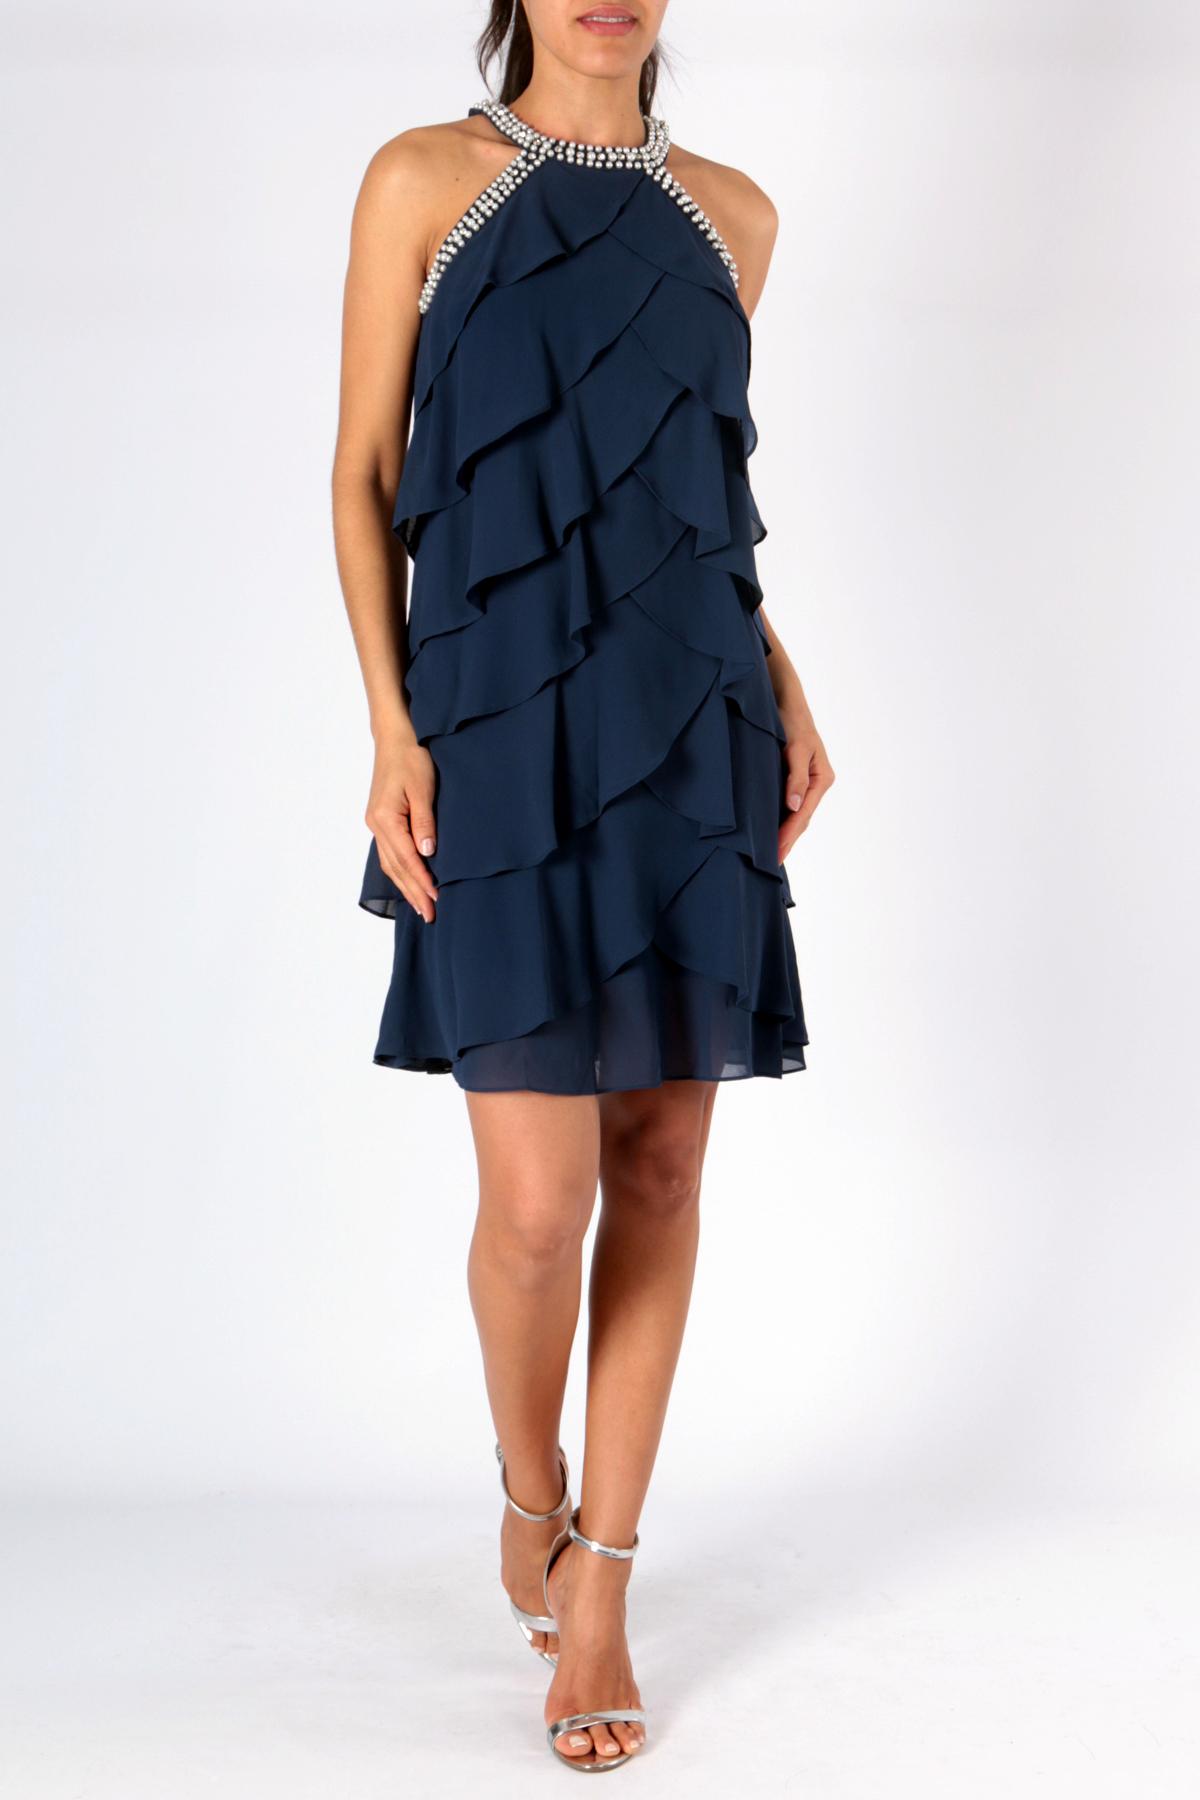 819d13dccfb0 Luxusní společenské dámské šaty krátké 3308350-5 tmavě modrá XL